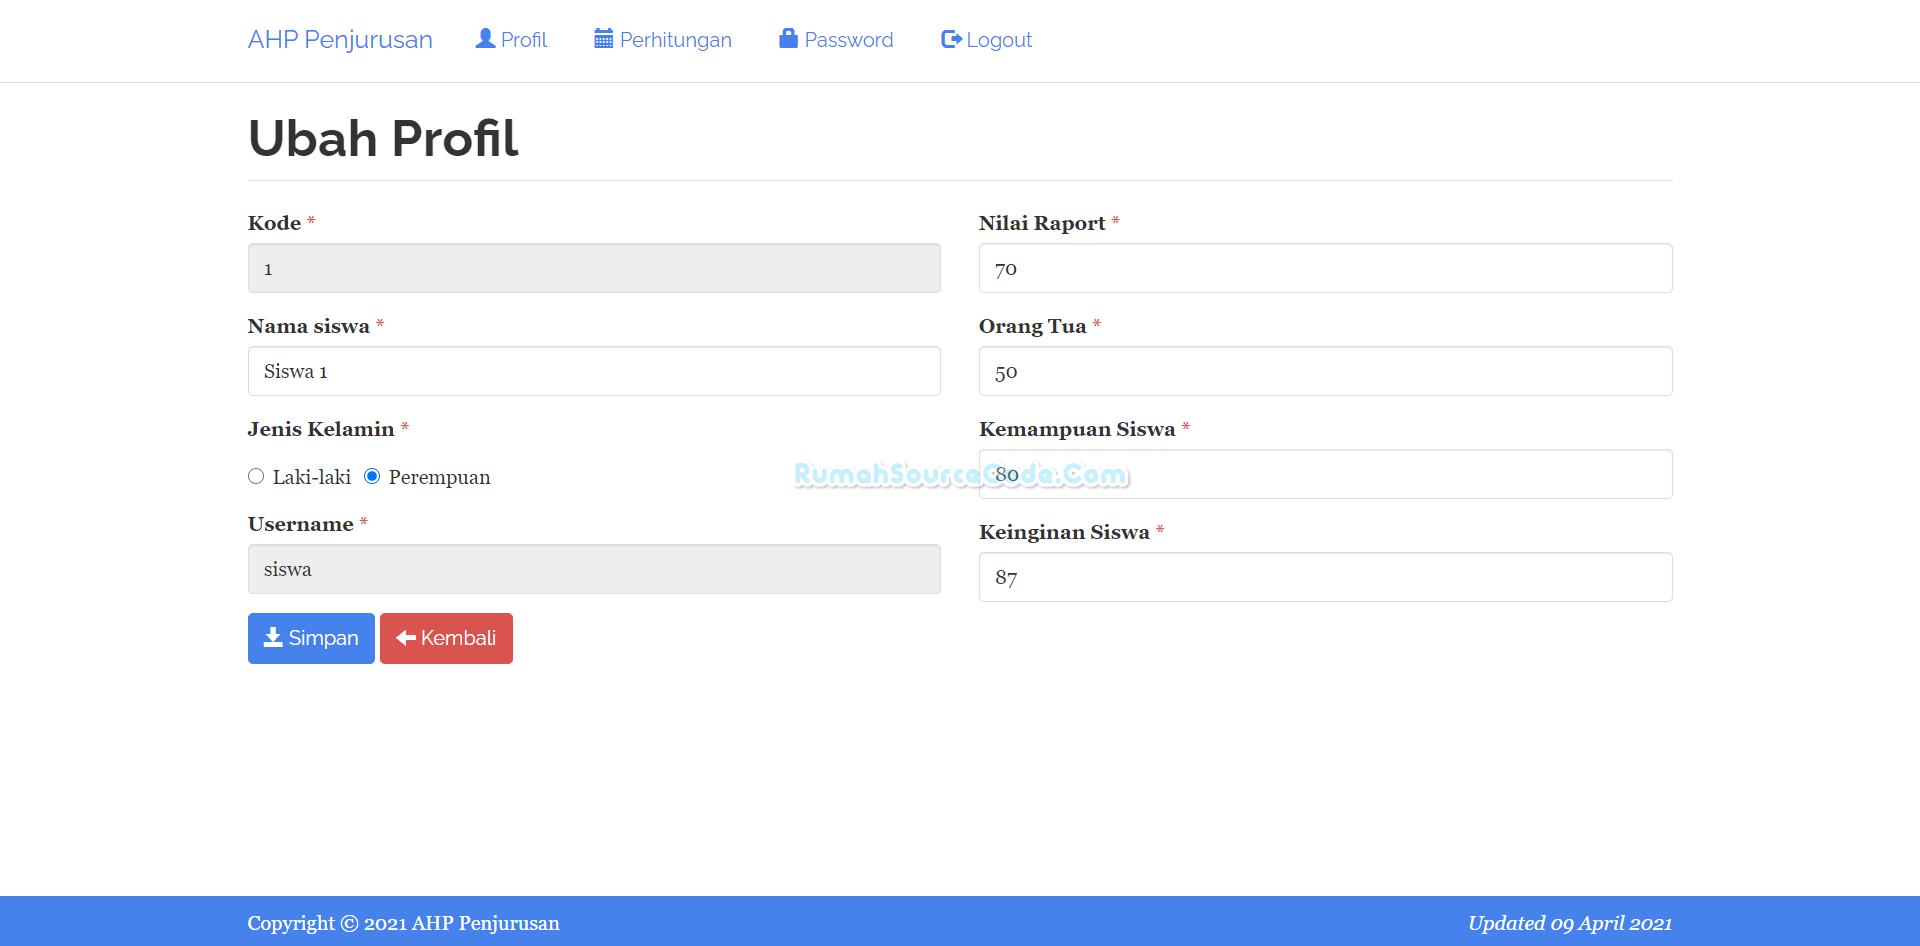 Profil AHP Penjurusan PHP